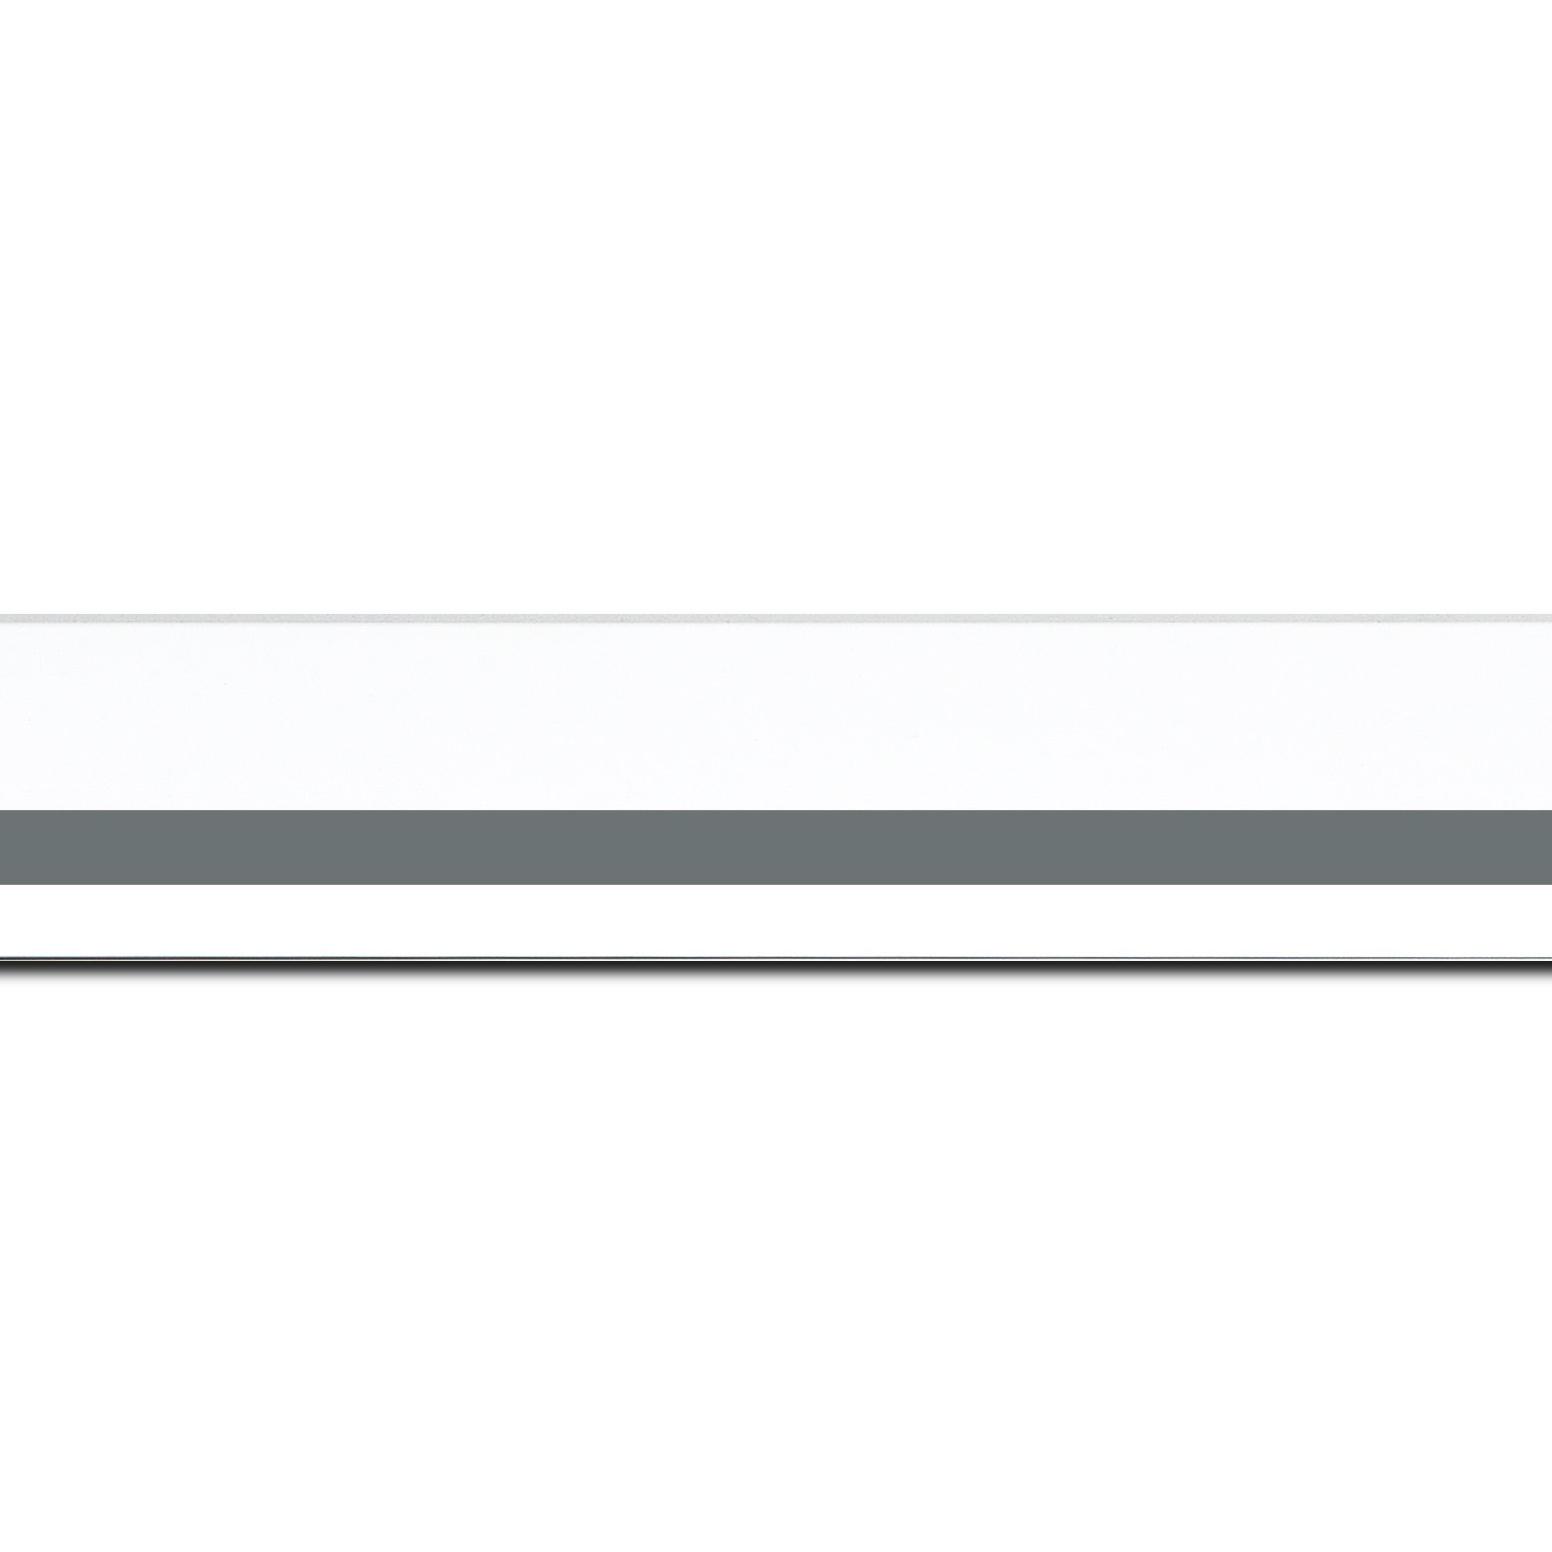 Pack par 12m, bois profil pente largeur 4.5cm de couleur blanc mat filet gris  (longueur baguette pouvant varier entre 2.40m et 3m selon arrivage des bois)